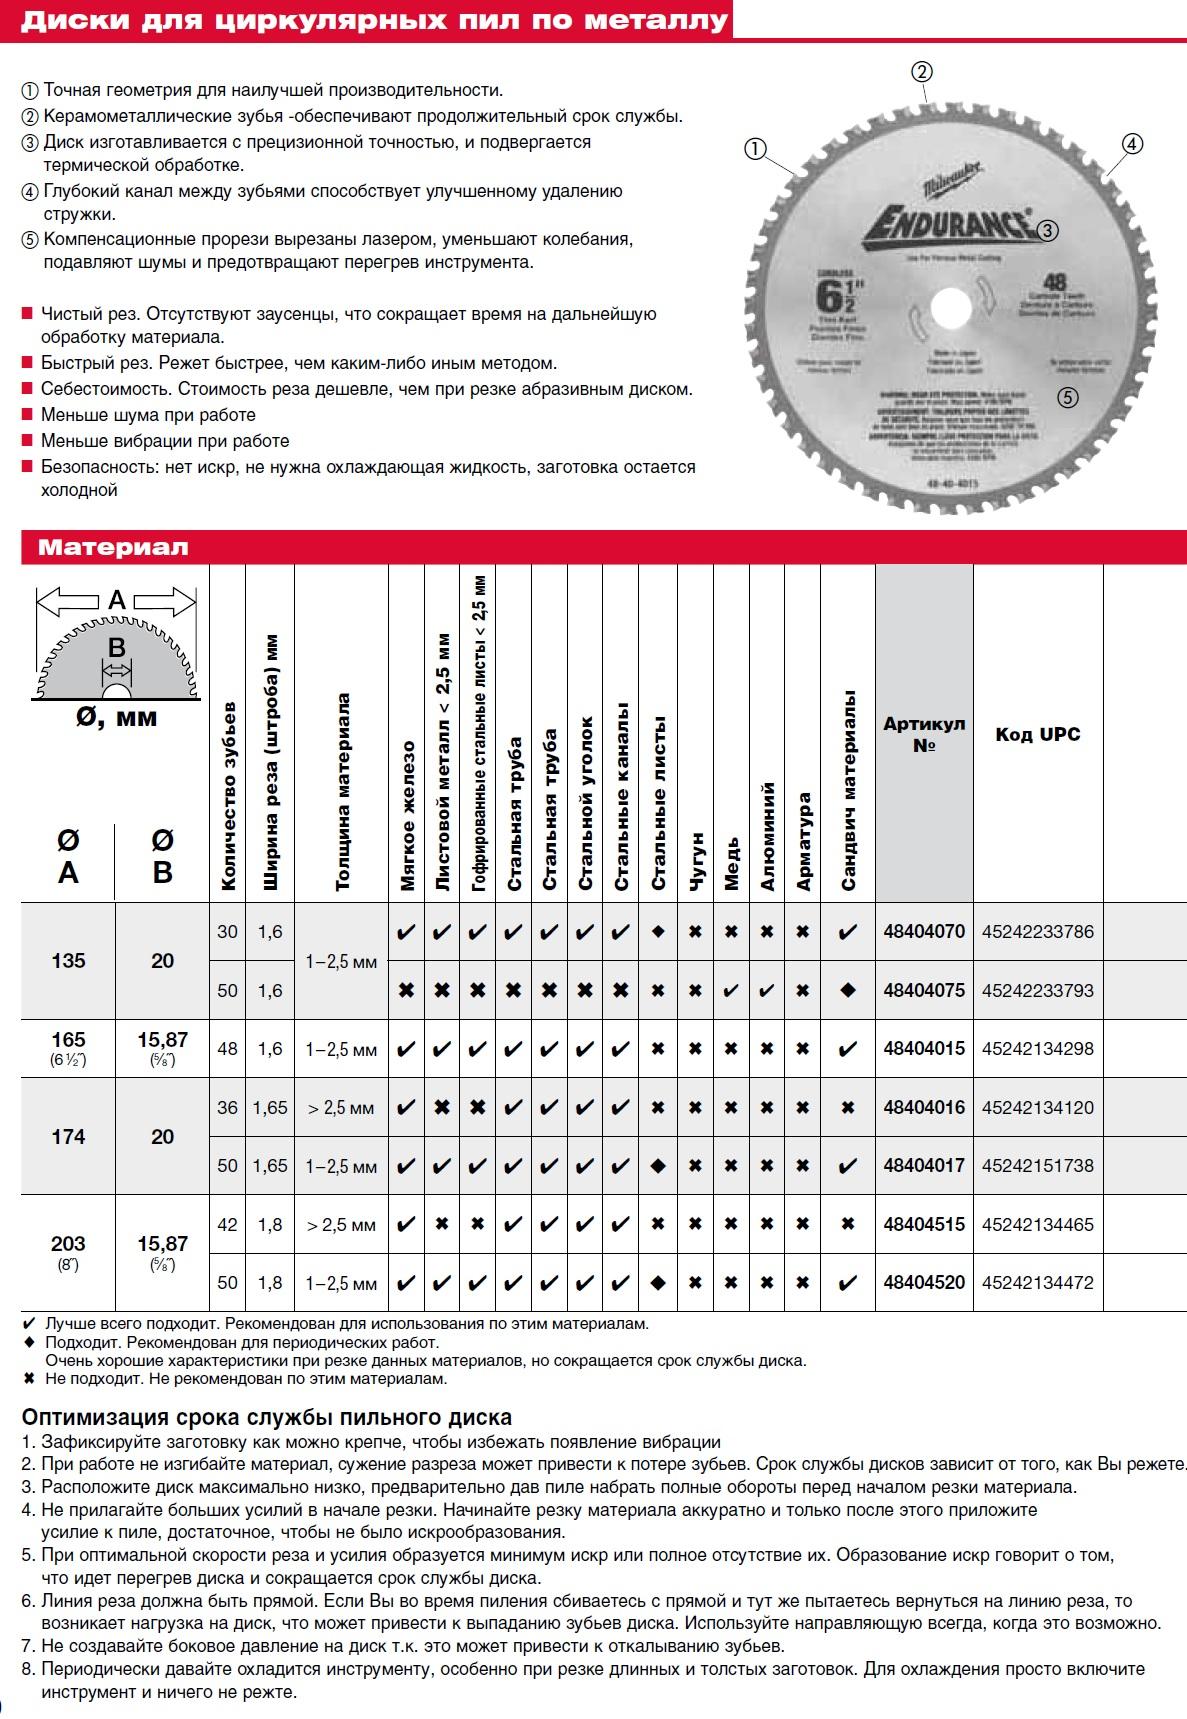 Модельный ряд ручных циркулярных пил bosch. рекомендации при выборе пильного диска для пилы